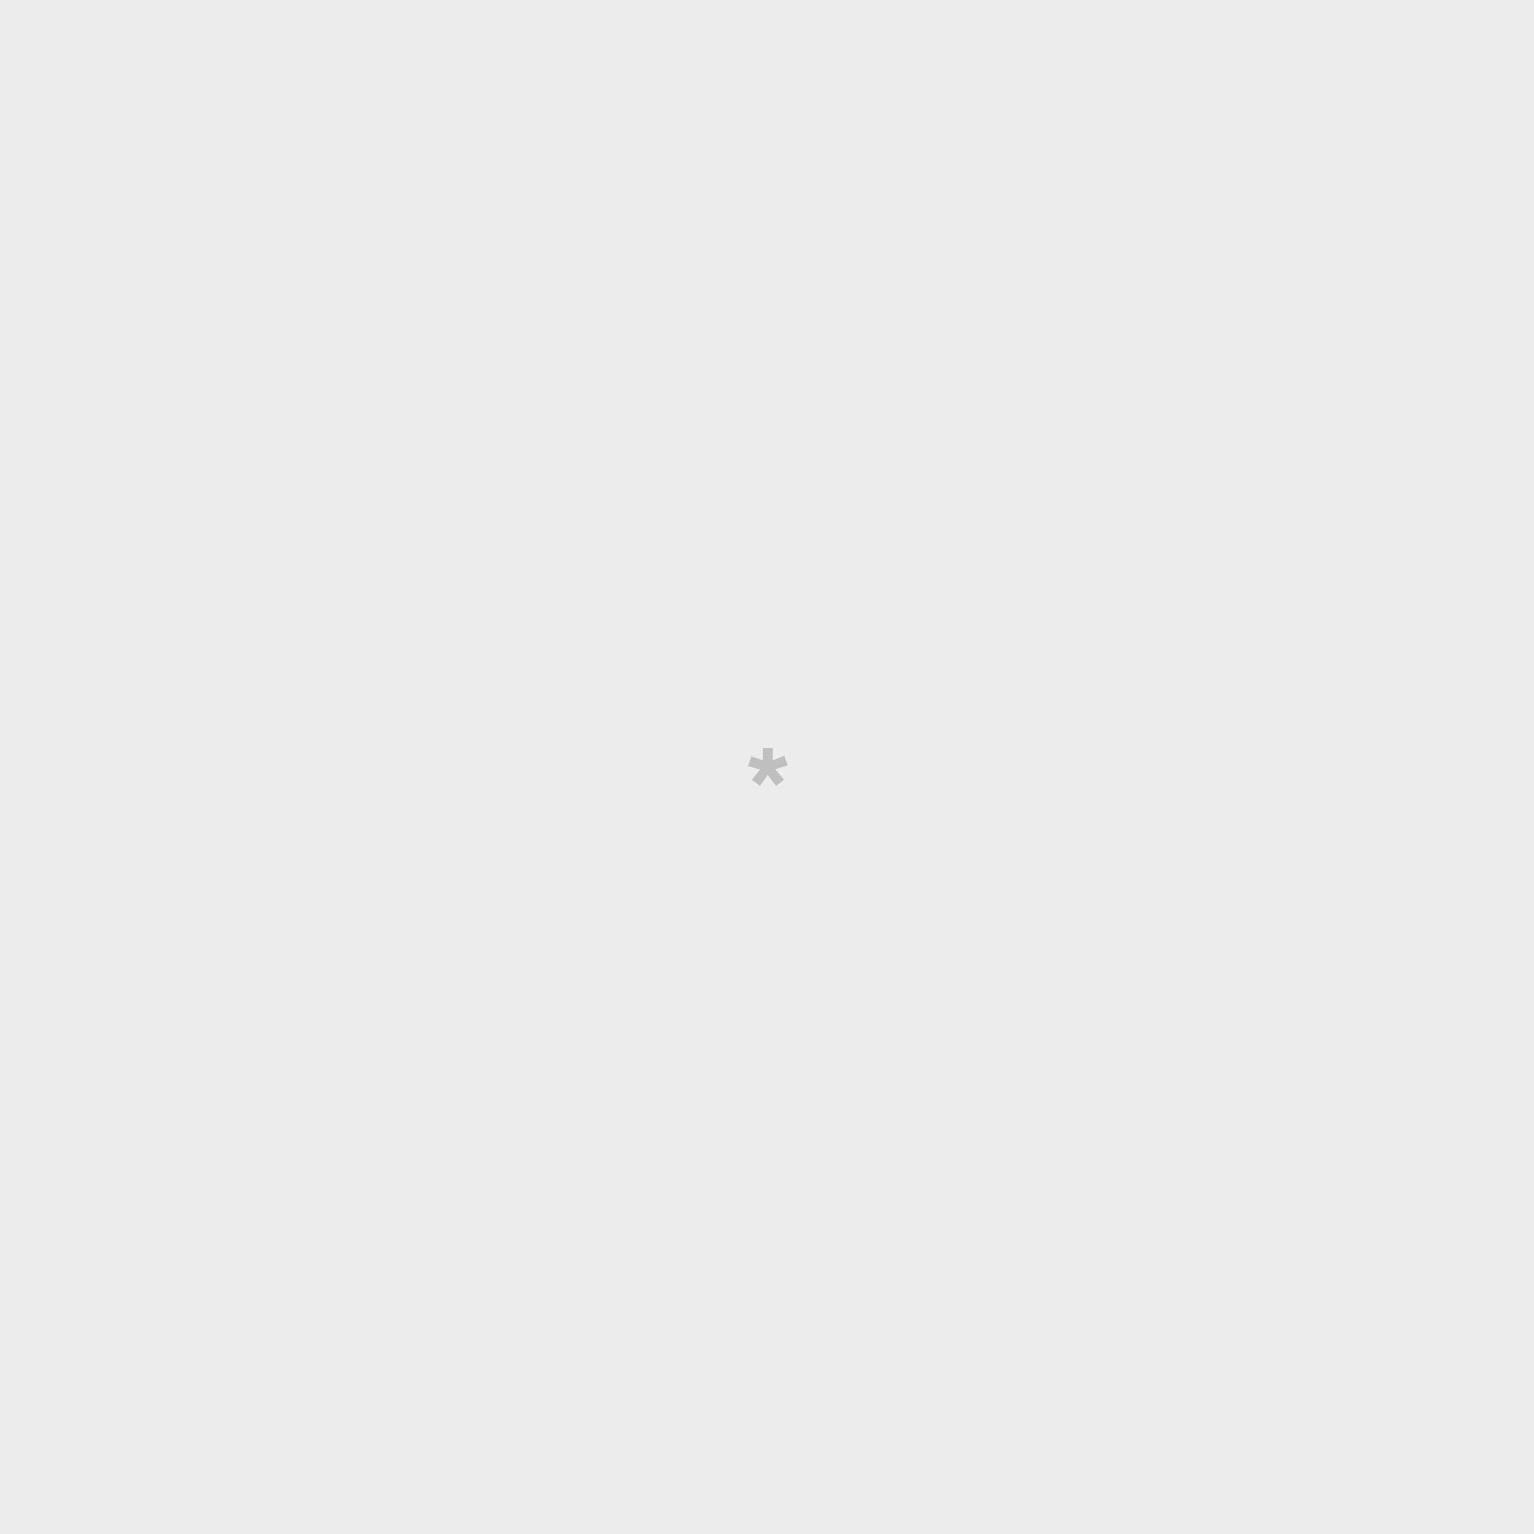 Carnet de notes adhésives - Tout ce que je ne compte pas oublier